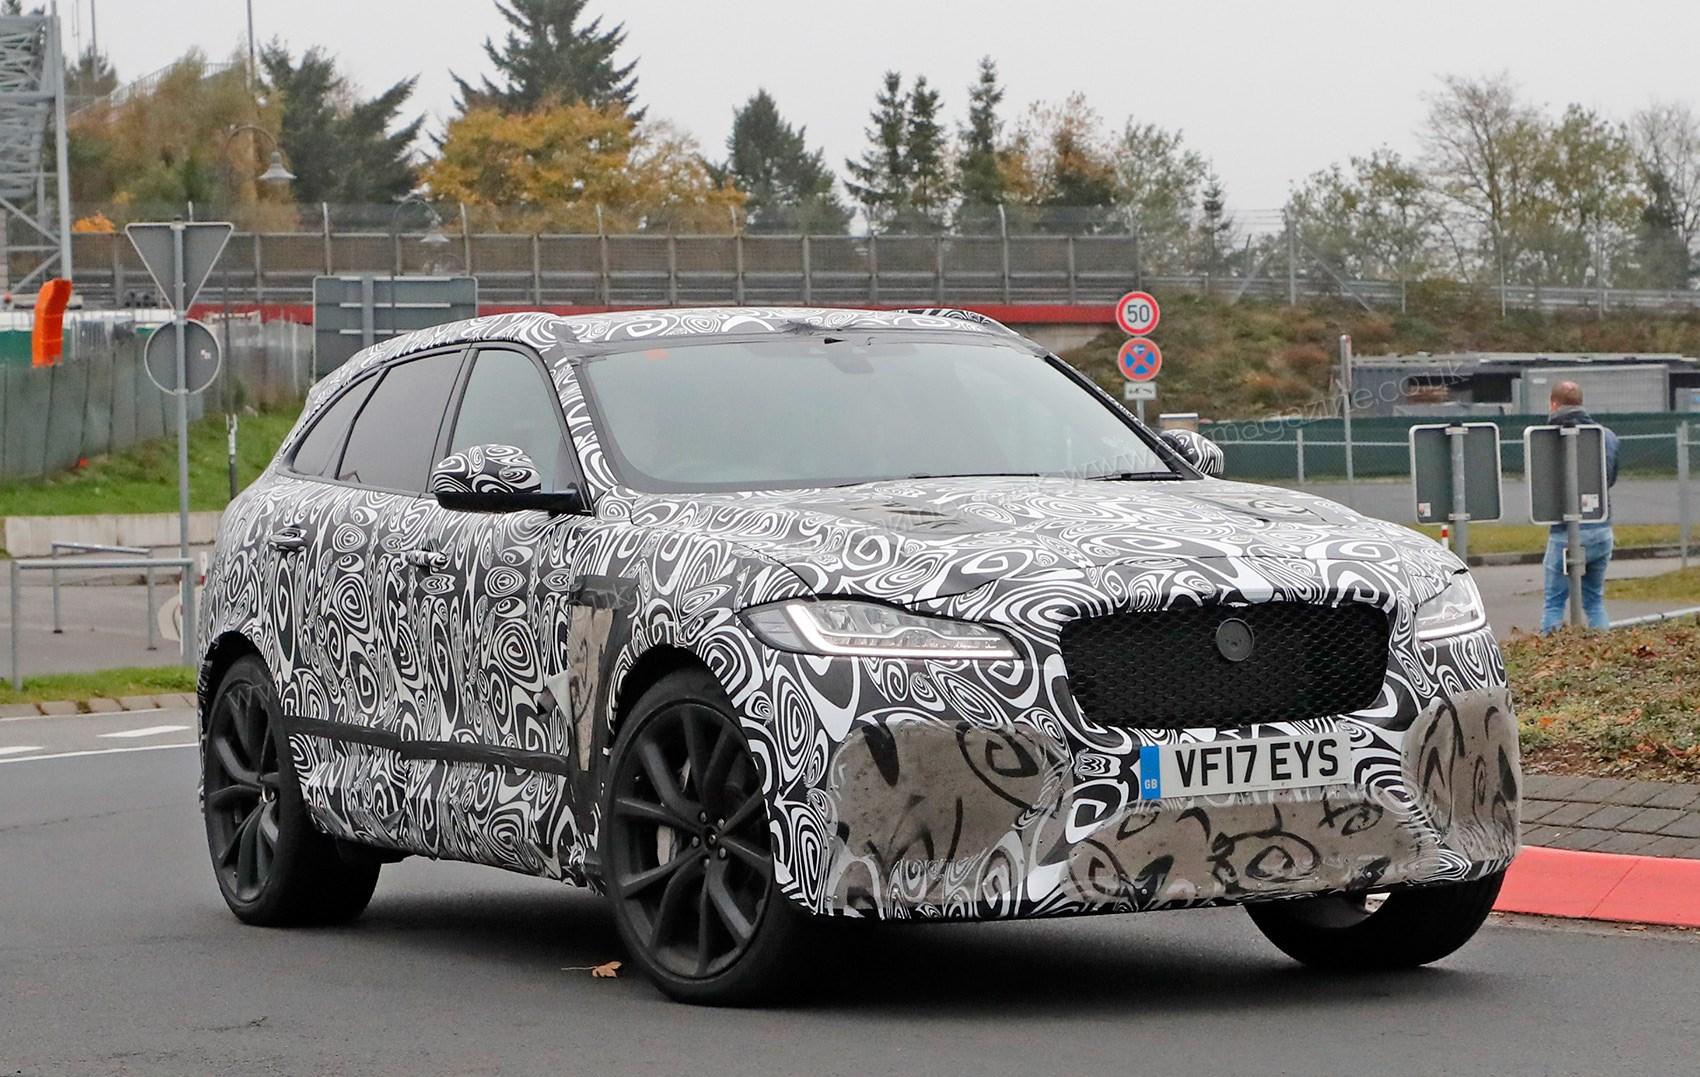 The New 2018 Jaguar F Pace Svr Car S Spy Photos